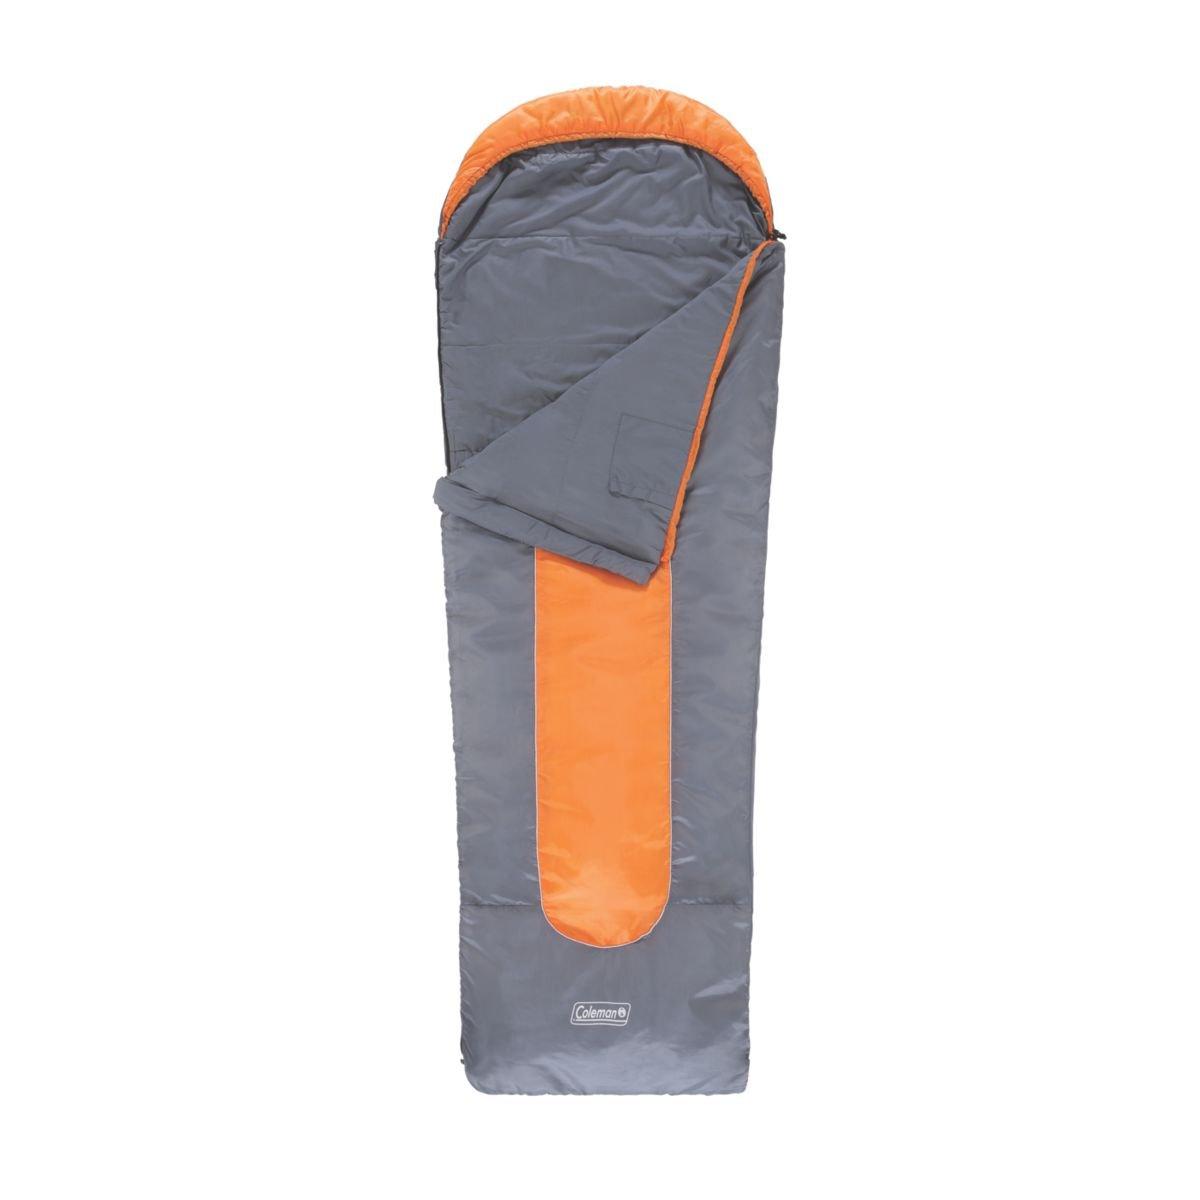 Sacos de dormir fibra - Sacos de dormir - choozenes